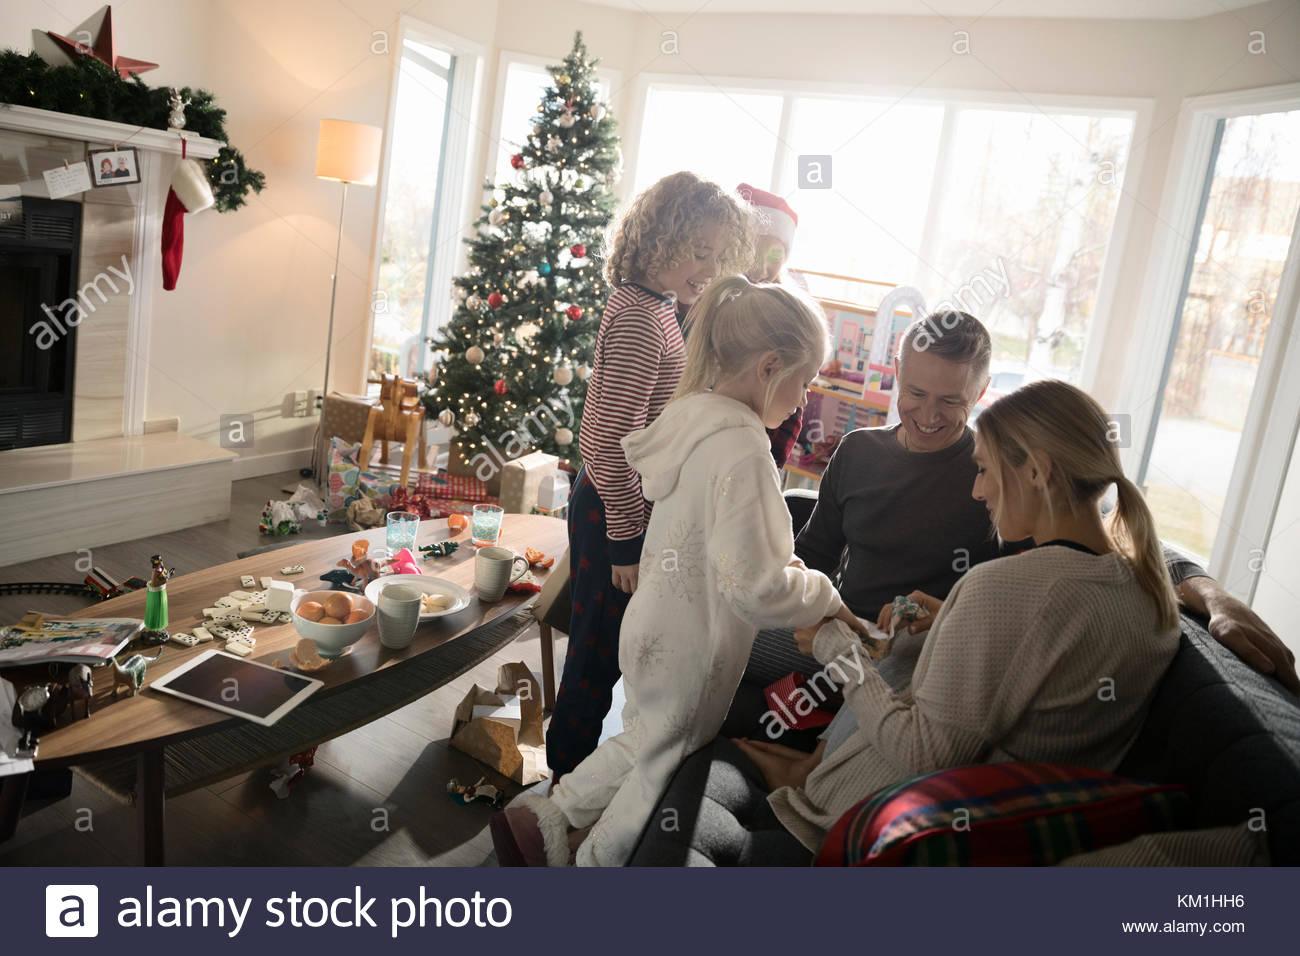 Familie Eröffnung Weihnachten Geschenk im Wohnzimmer Stockbild